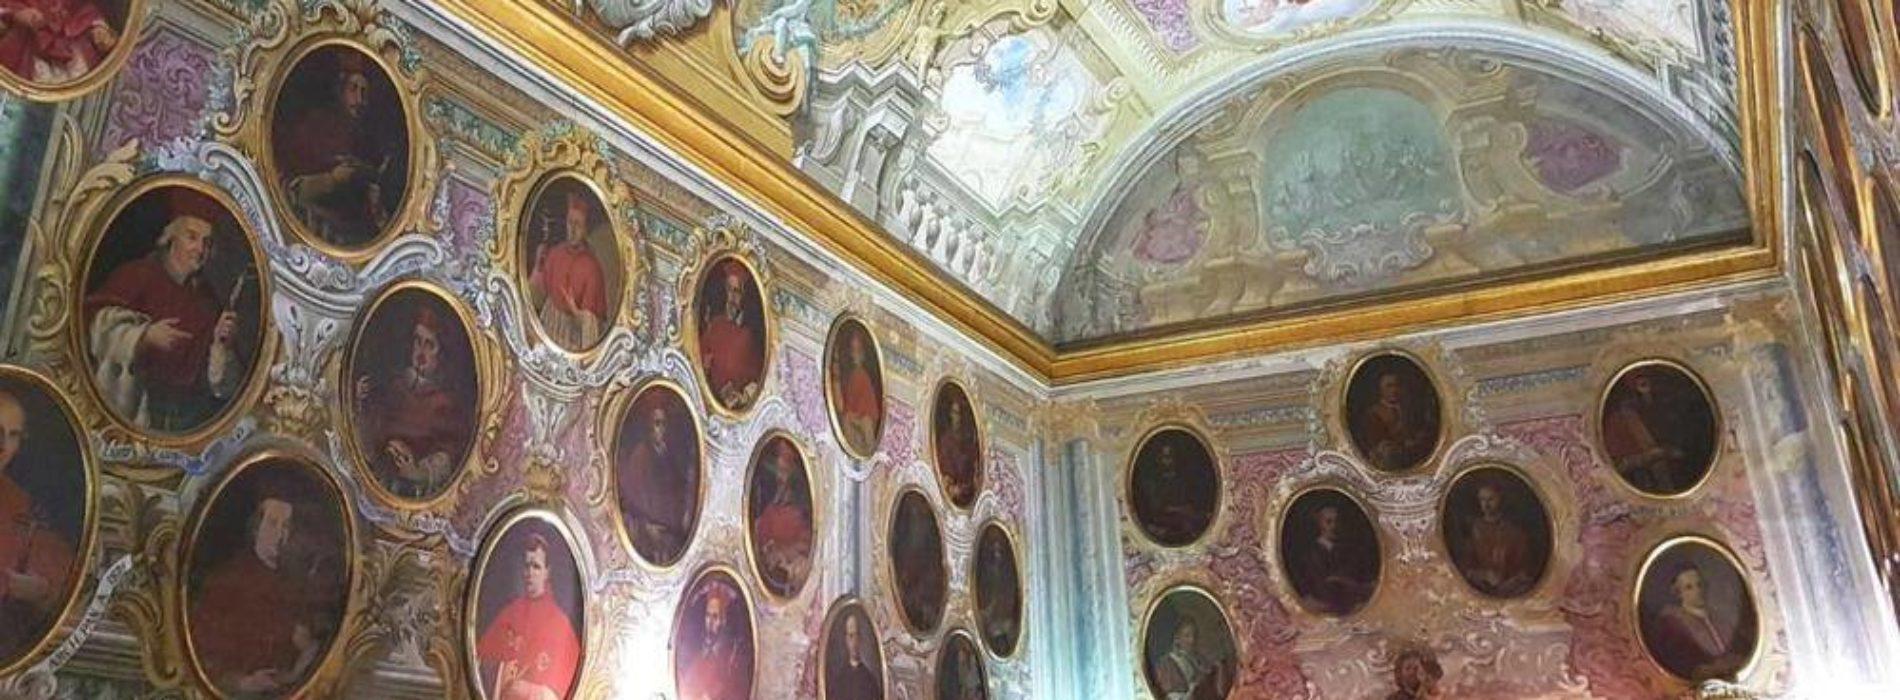 Che cos'era la Congregazione dei Bianchi? Apre per la prima volta la Cappella dei Giustiziati